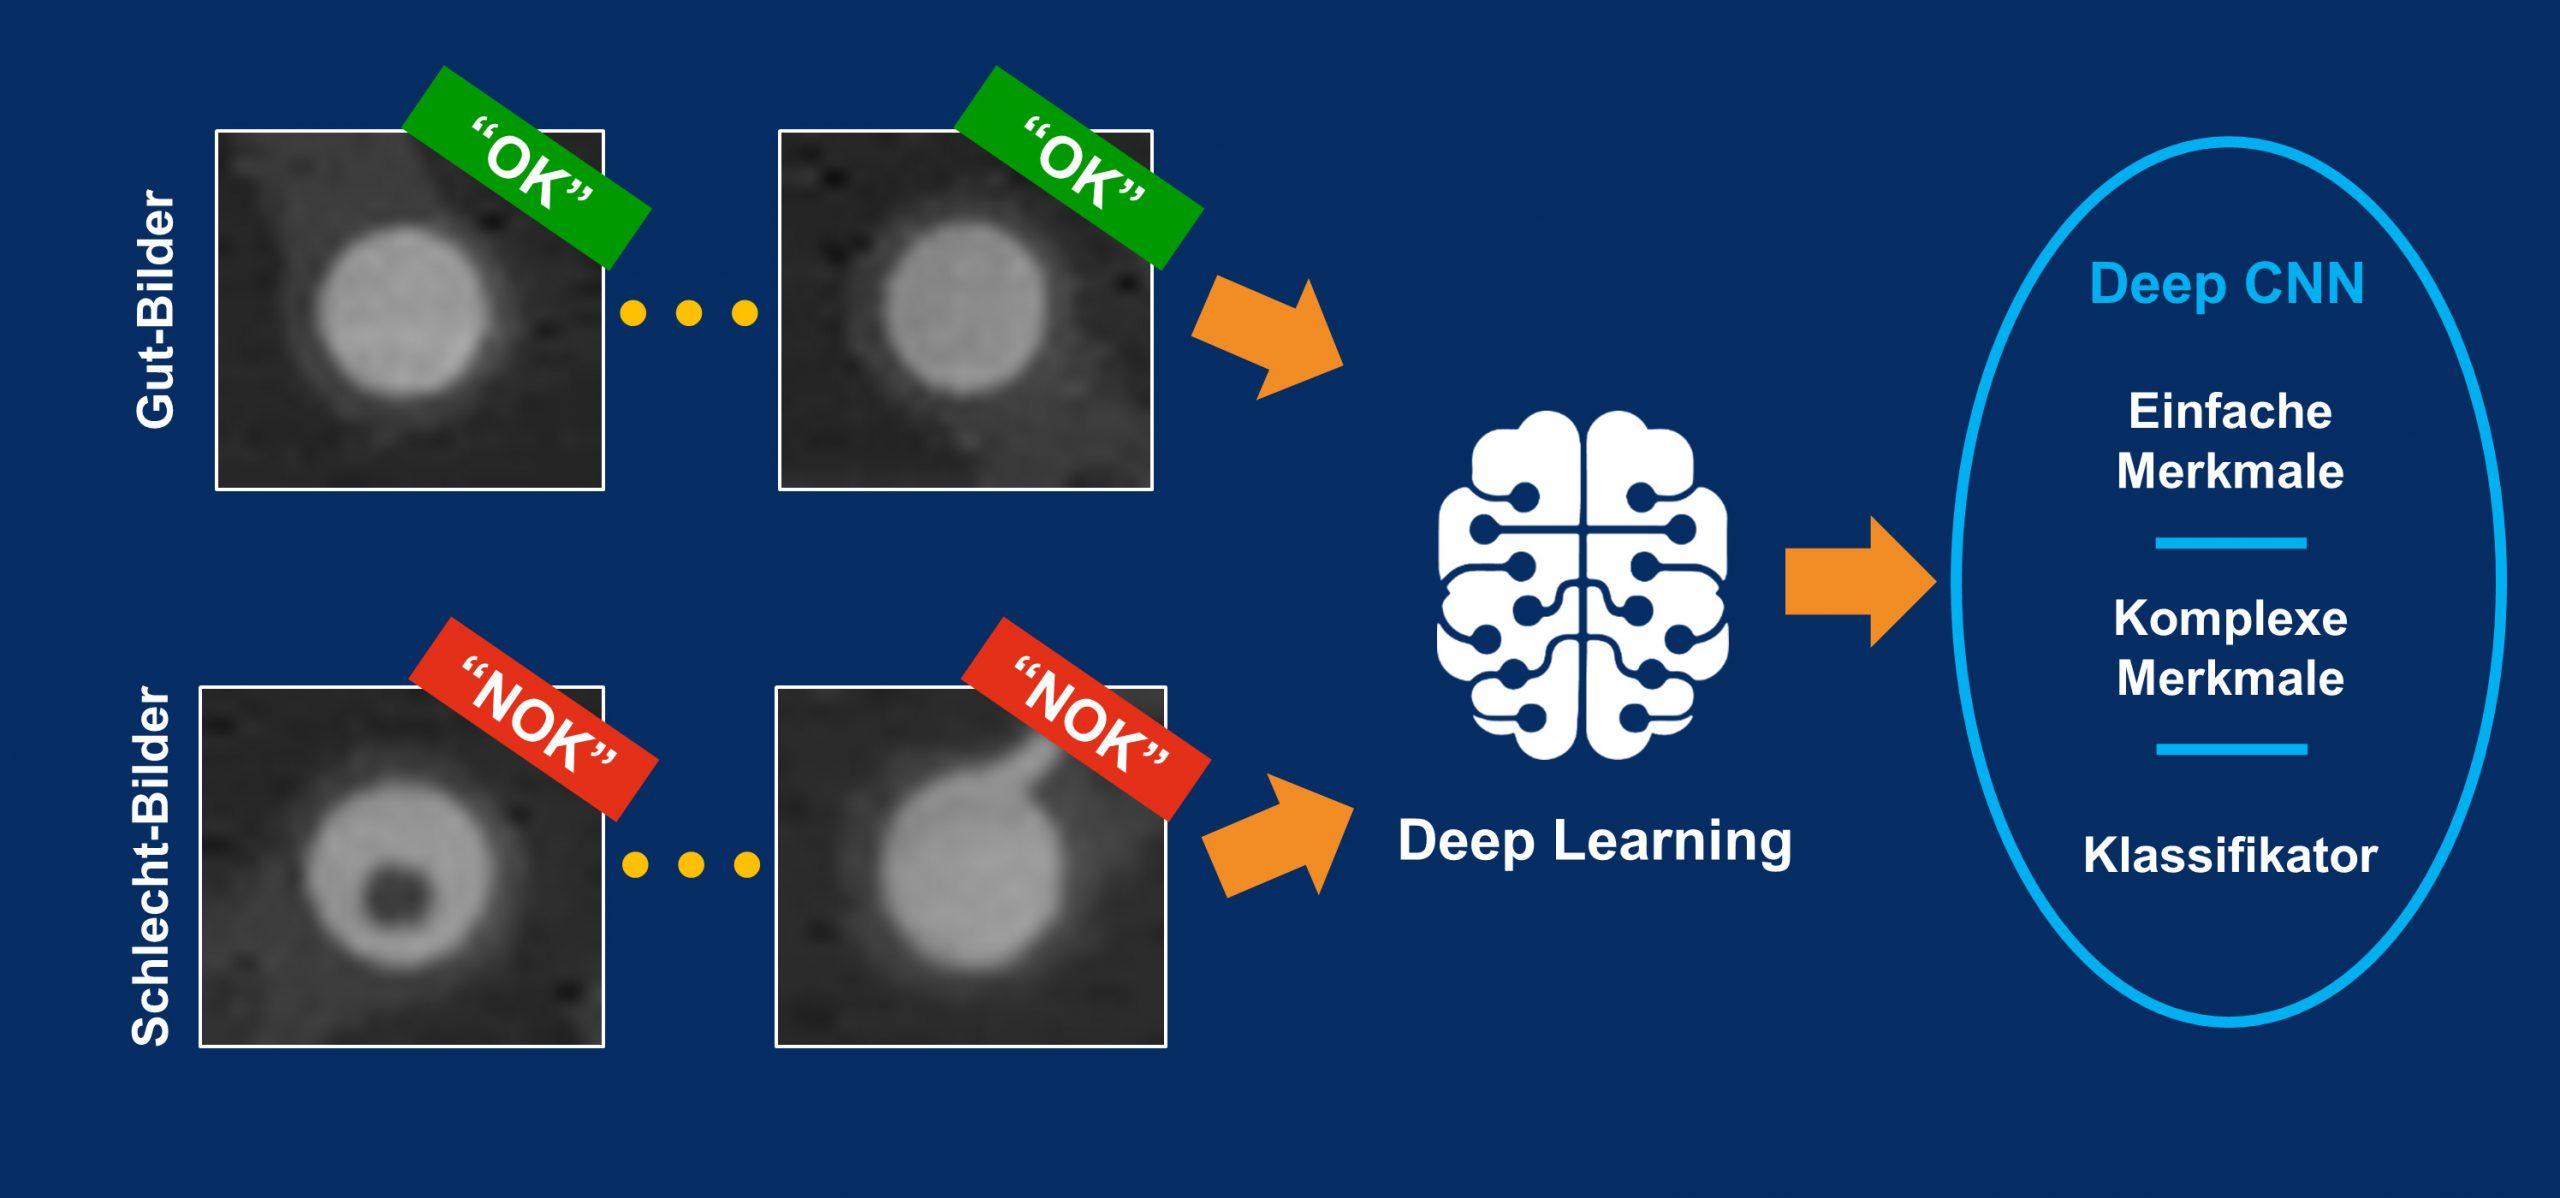 Deep-Learning-Algorithmen nutzen sowohl Schlecht-Bilder als auch Gut-Bilder zur Fehlererkennung. (Bild: MVTec Software GmbH)